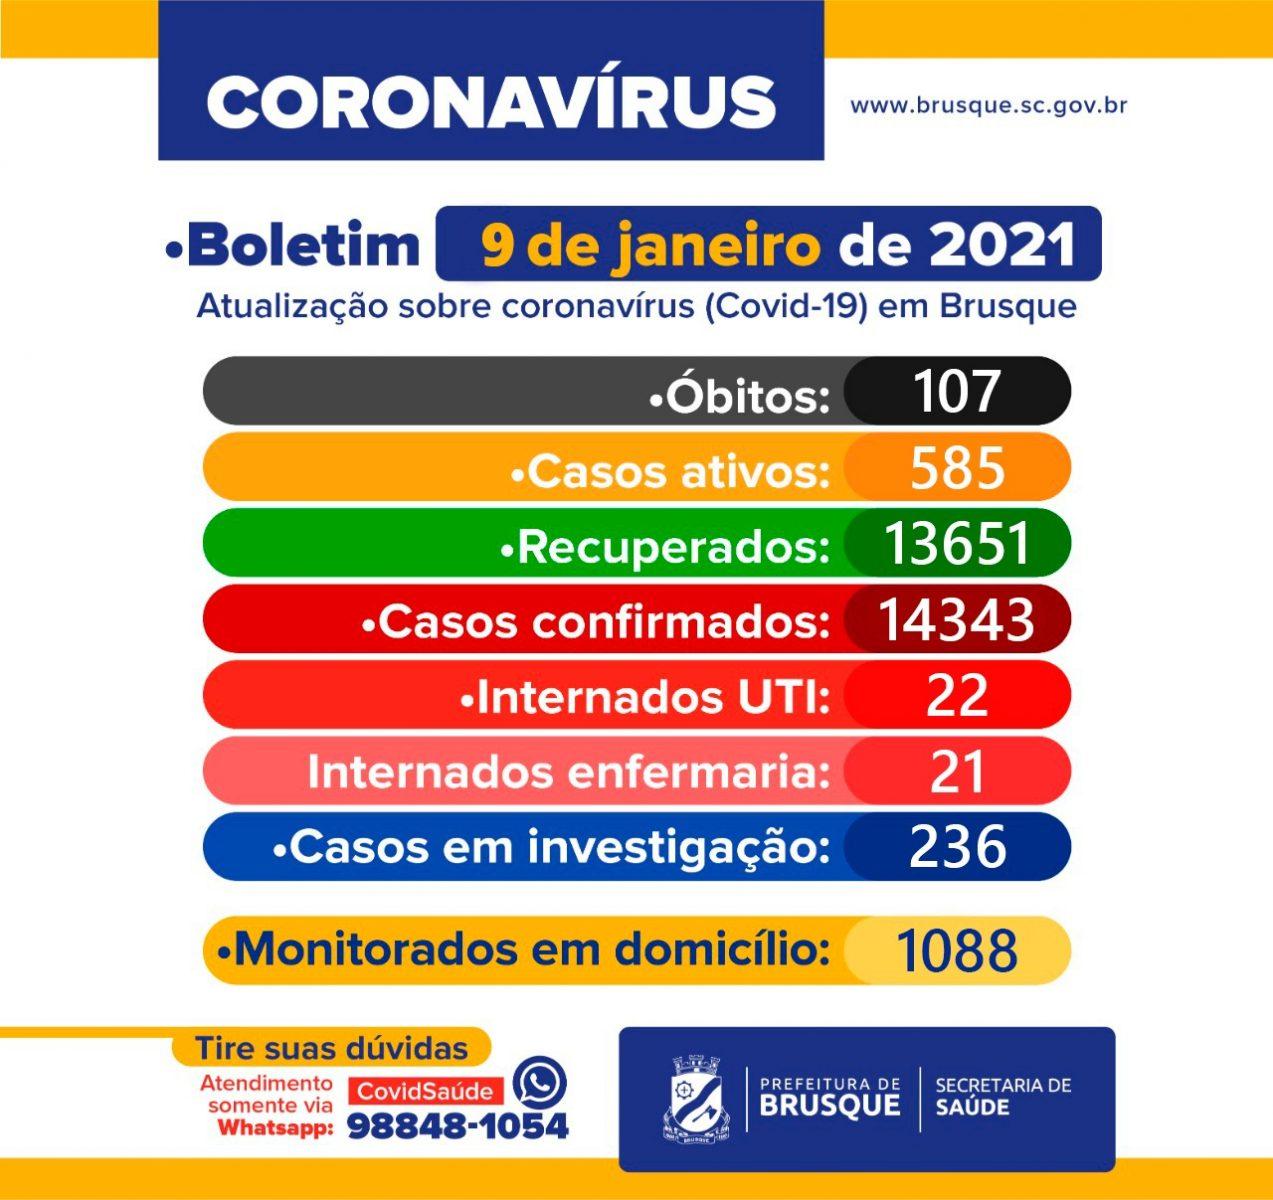 Covid-19: Confira o boletim epidemiológico deste sábado (9)